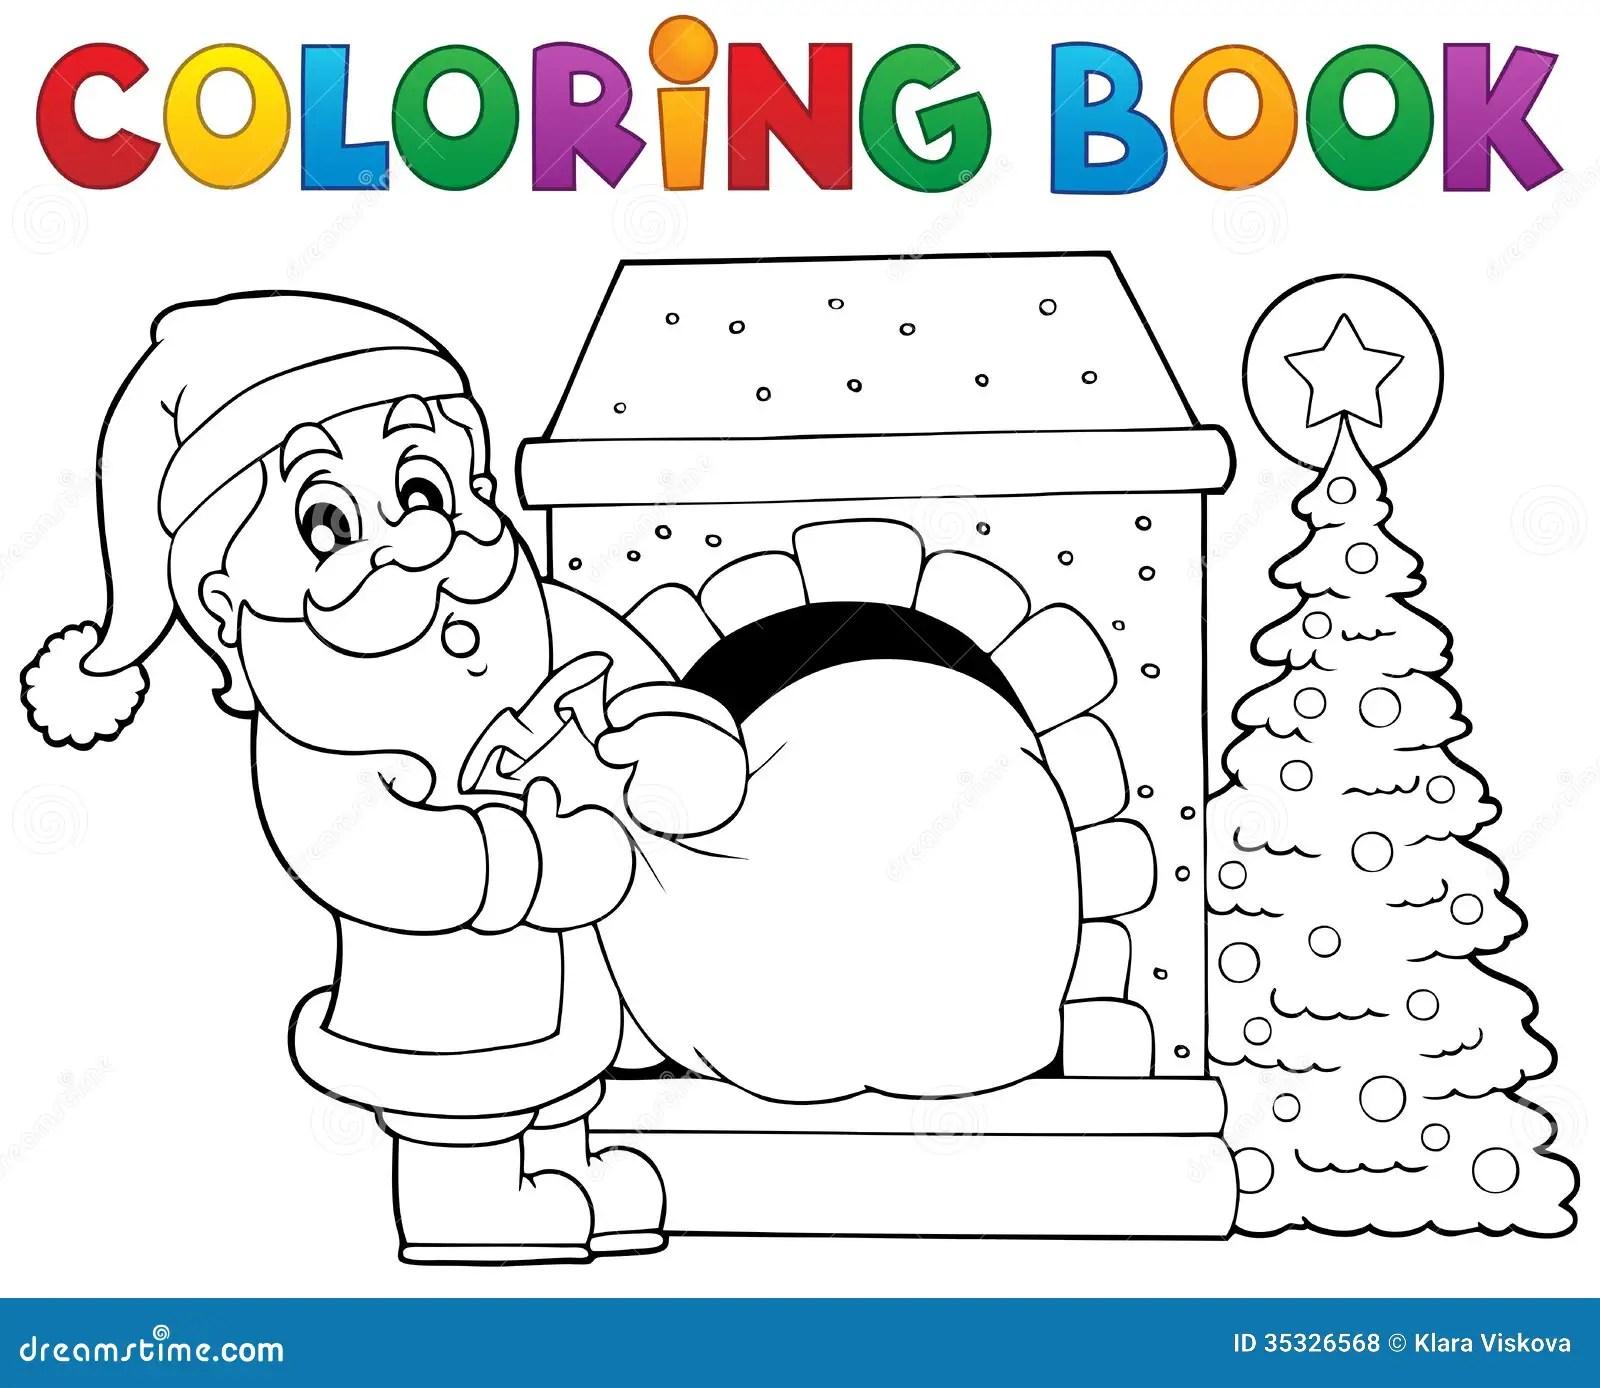 Coloring Book Santa Claus Theme 9 Stock Vector